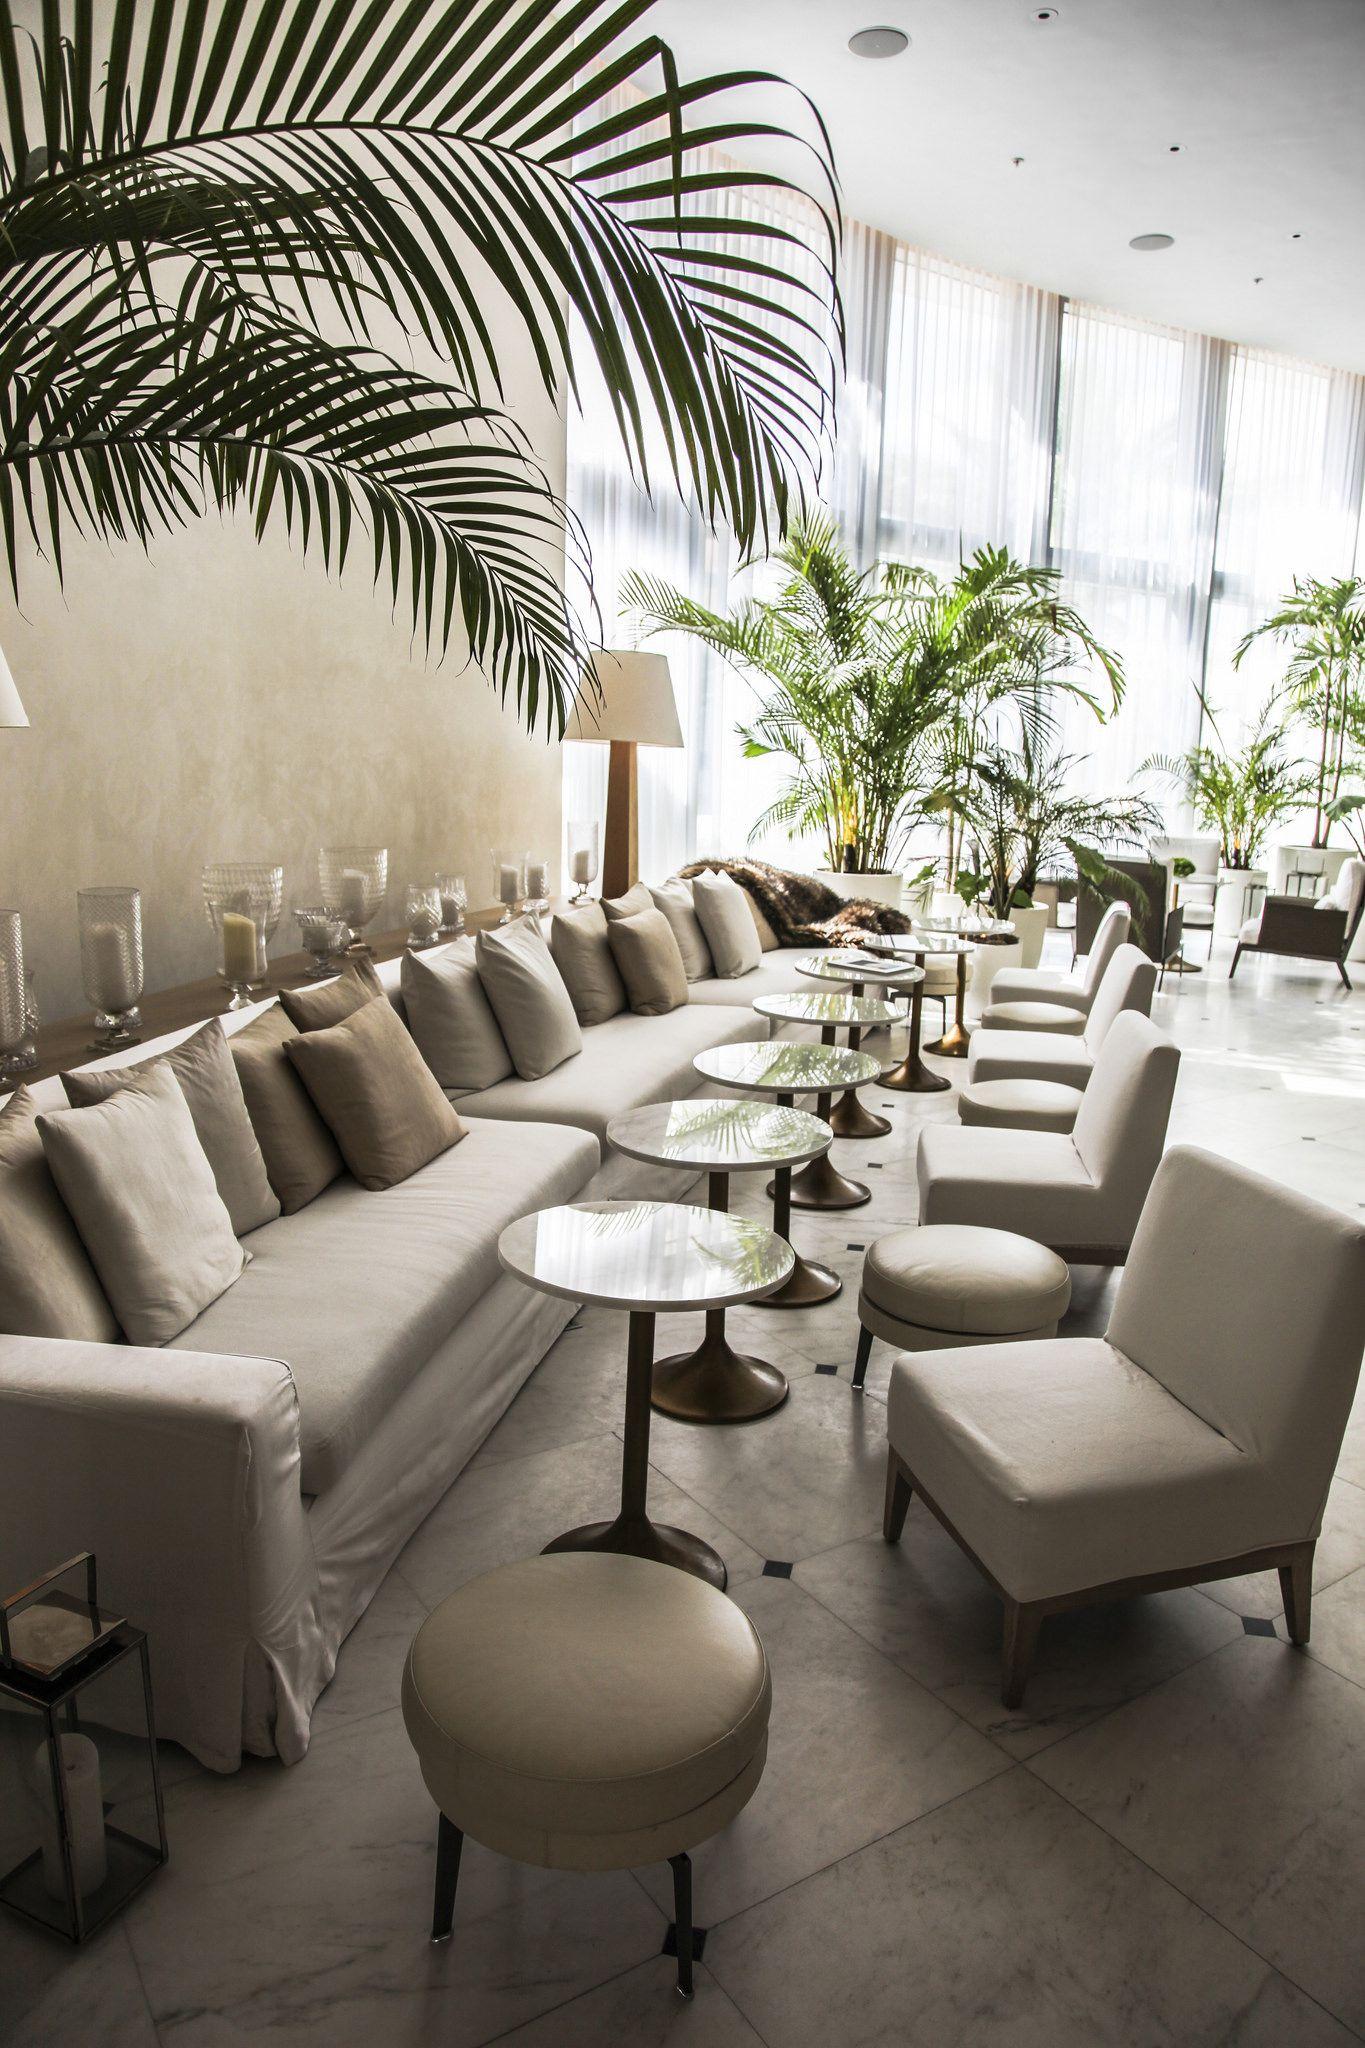 Miami Edition Hotel Modern Hotel Lobby Hotel Lounge Edition Hotel